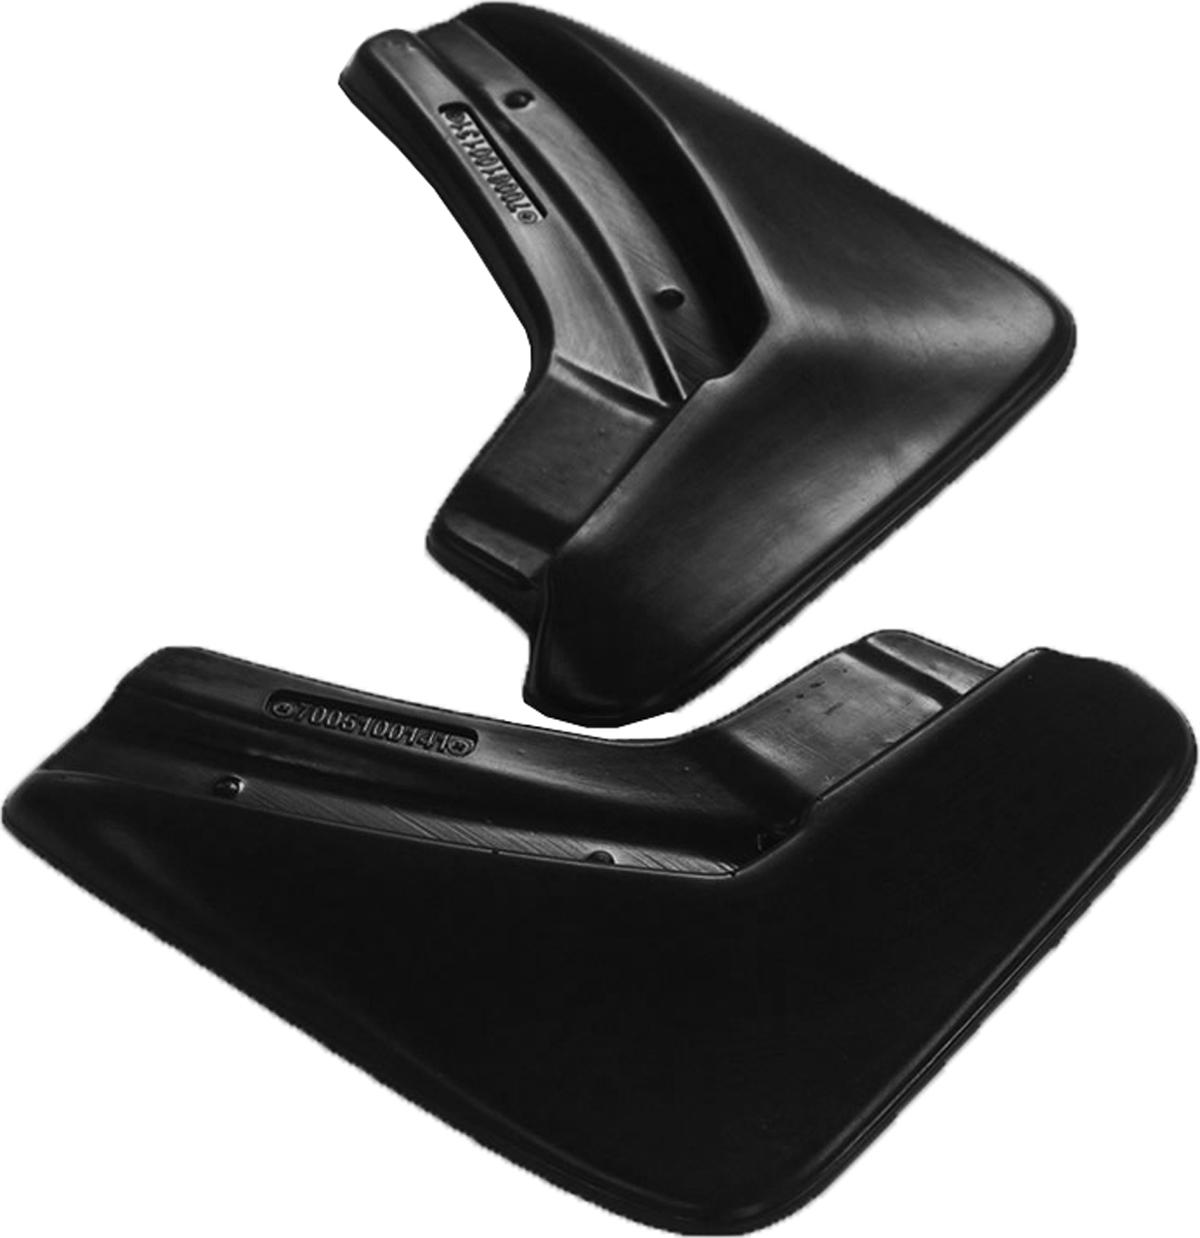 Комплект задних брызговиков L.Locker, для Renault Koleos (08-)7006100161Брызговики L.Locker изготовлены из высококачественного полиуретана. Уникальный состав брызговиков допускает их эксплуатацию в широком диапазоне температур: от -50°С до +80°С. Эффективно защищают кузов автомобиля от грязи и воды - формируют аэродинамический поток воздуха, создаваемый при движении вокруг кузова таким образом, чтобы максимально уменьшить образование грязевой измороси, оседающей на автомобиле. Разработаны индивидуально для каждой модели автомобиля, с эстетической точки зрения брызговики являются завершением колесной арки.